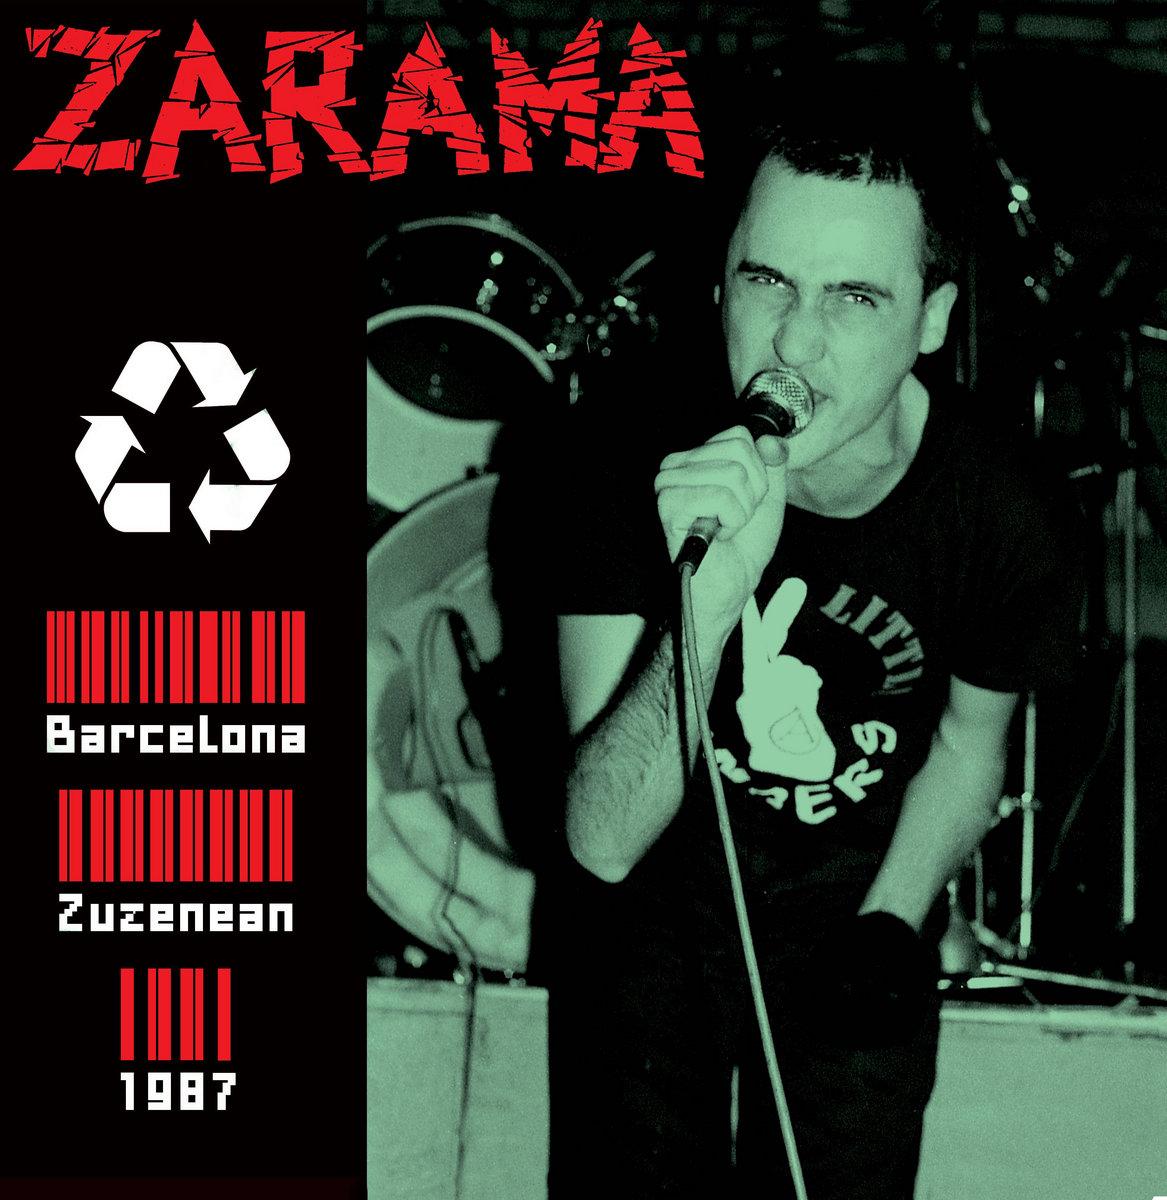 Portada del disco 'Barcelona Zuzenean 1987', editado en 2021 por Vomito PunkRock Records